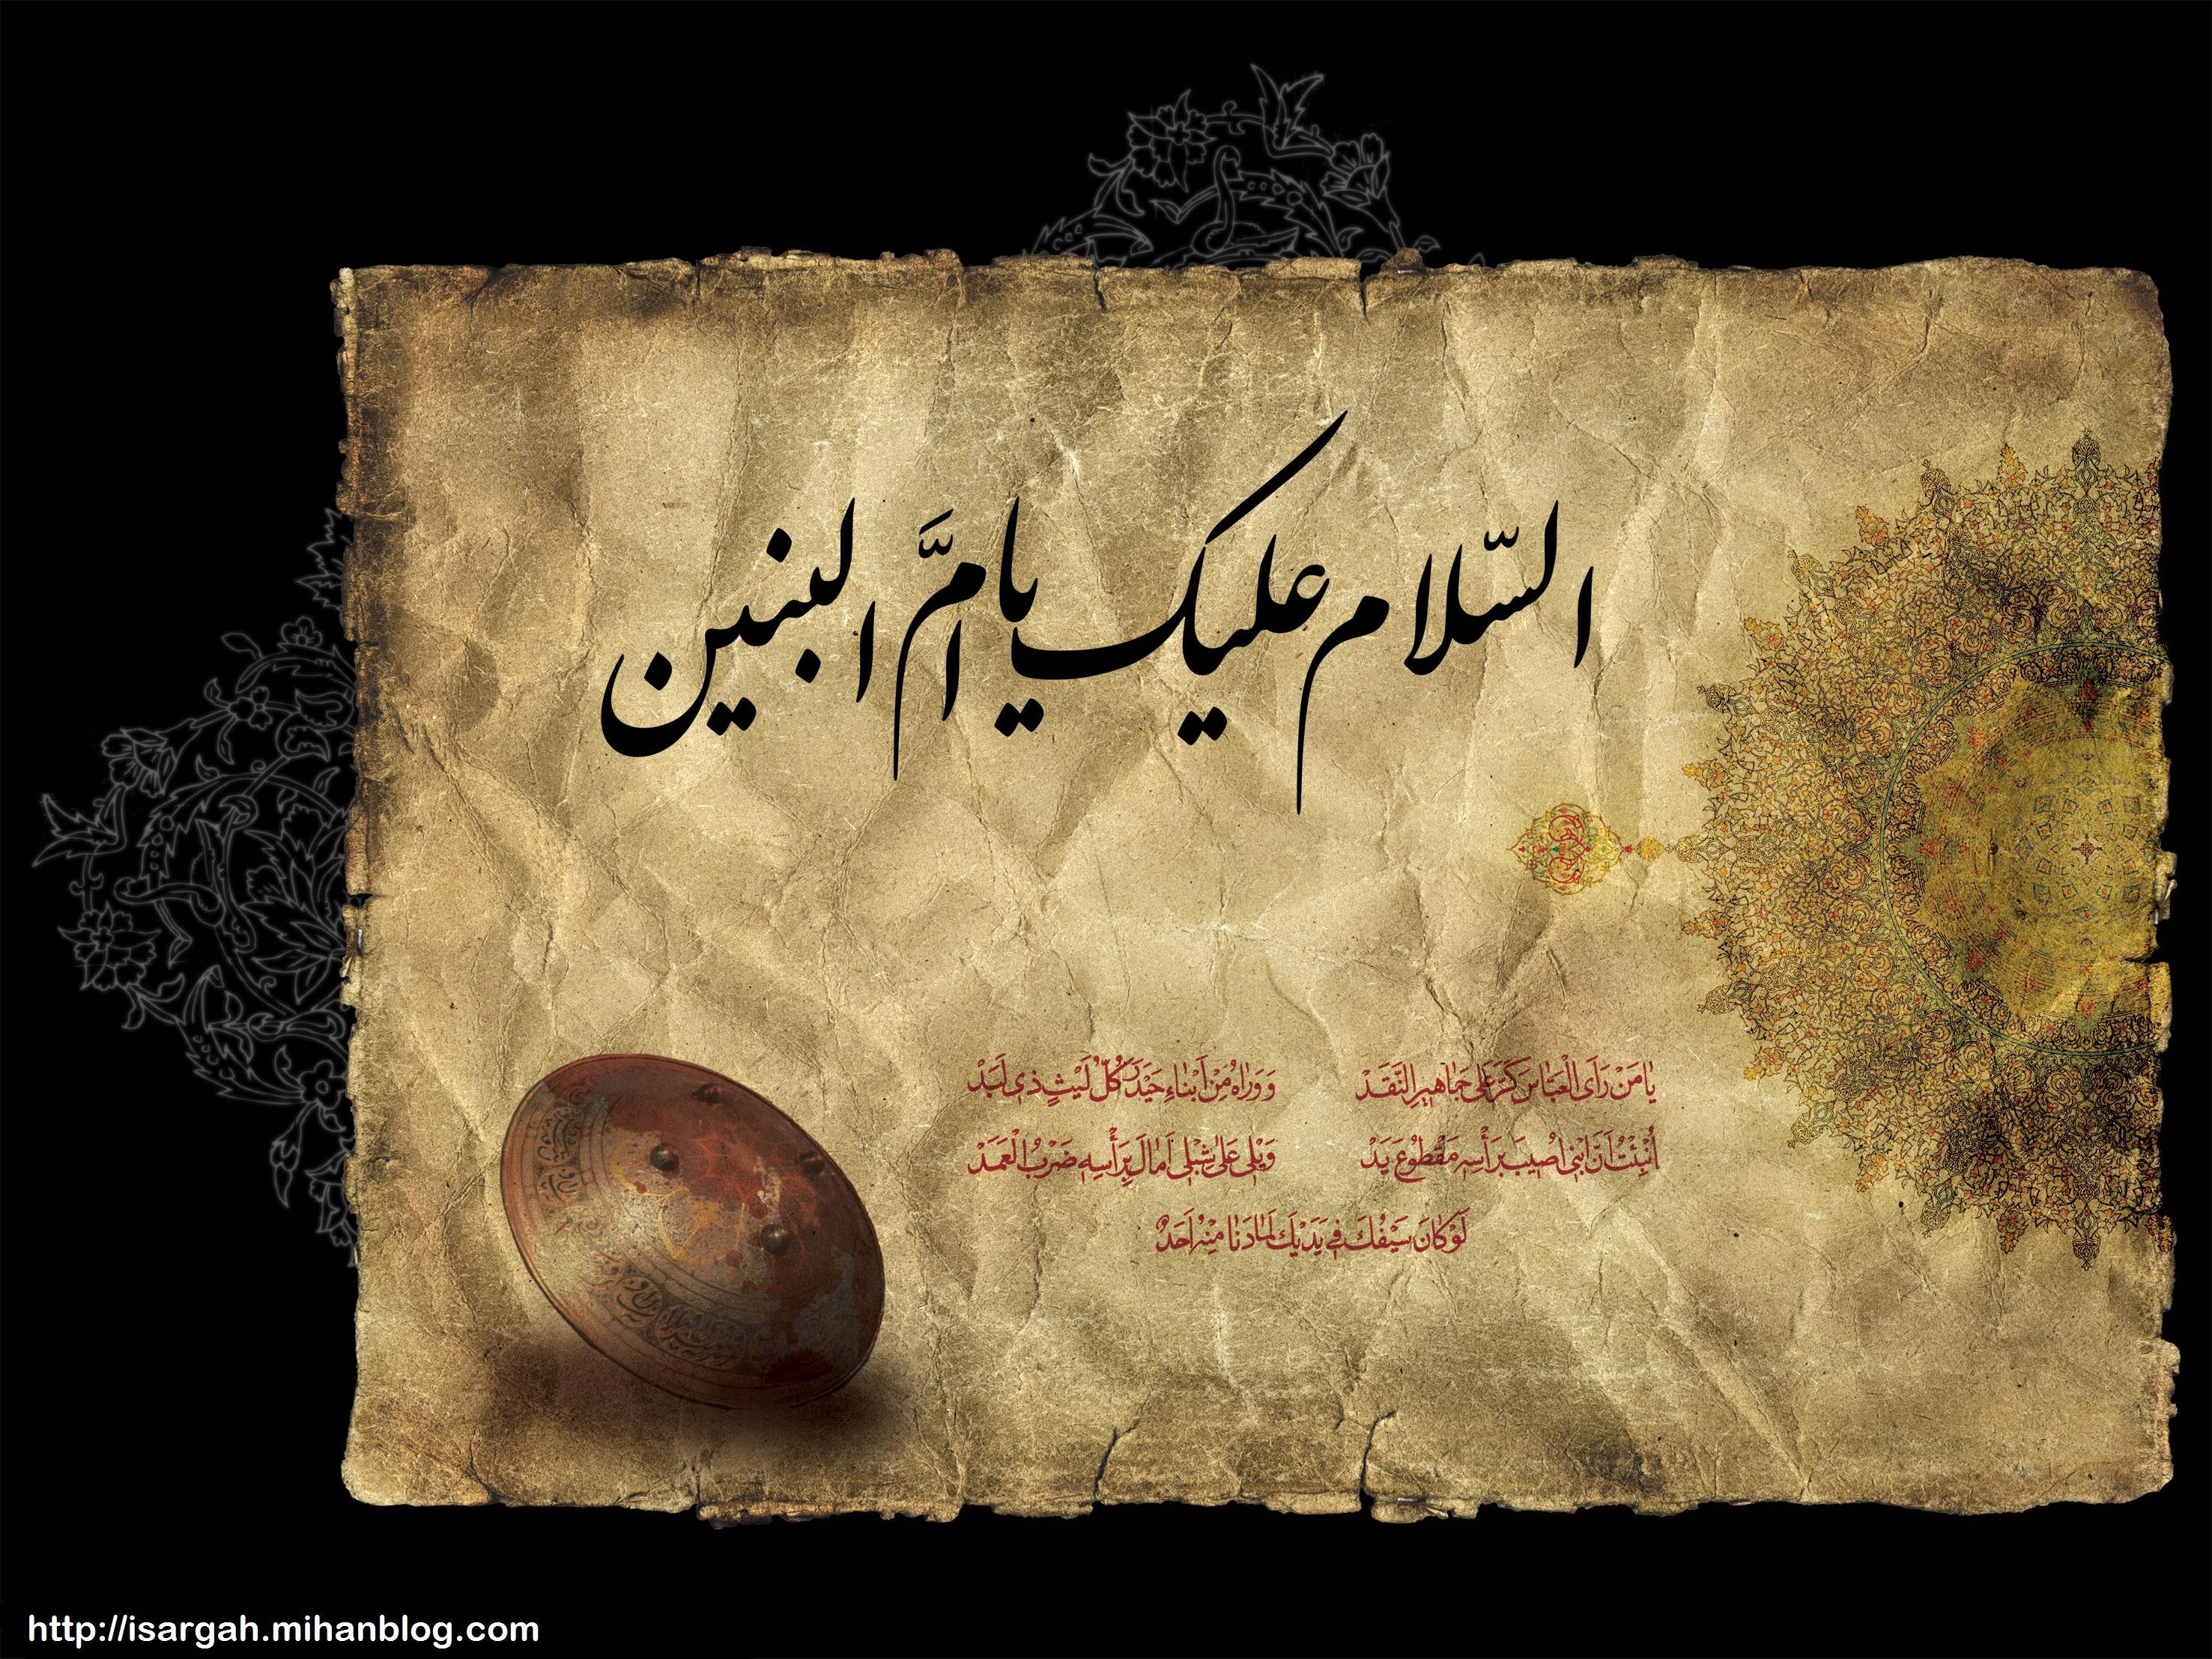 وفات حضرت ام البنین علیه السلام